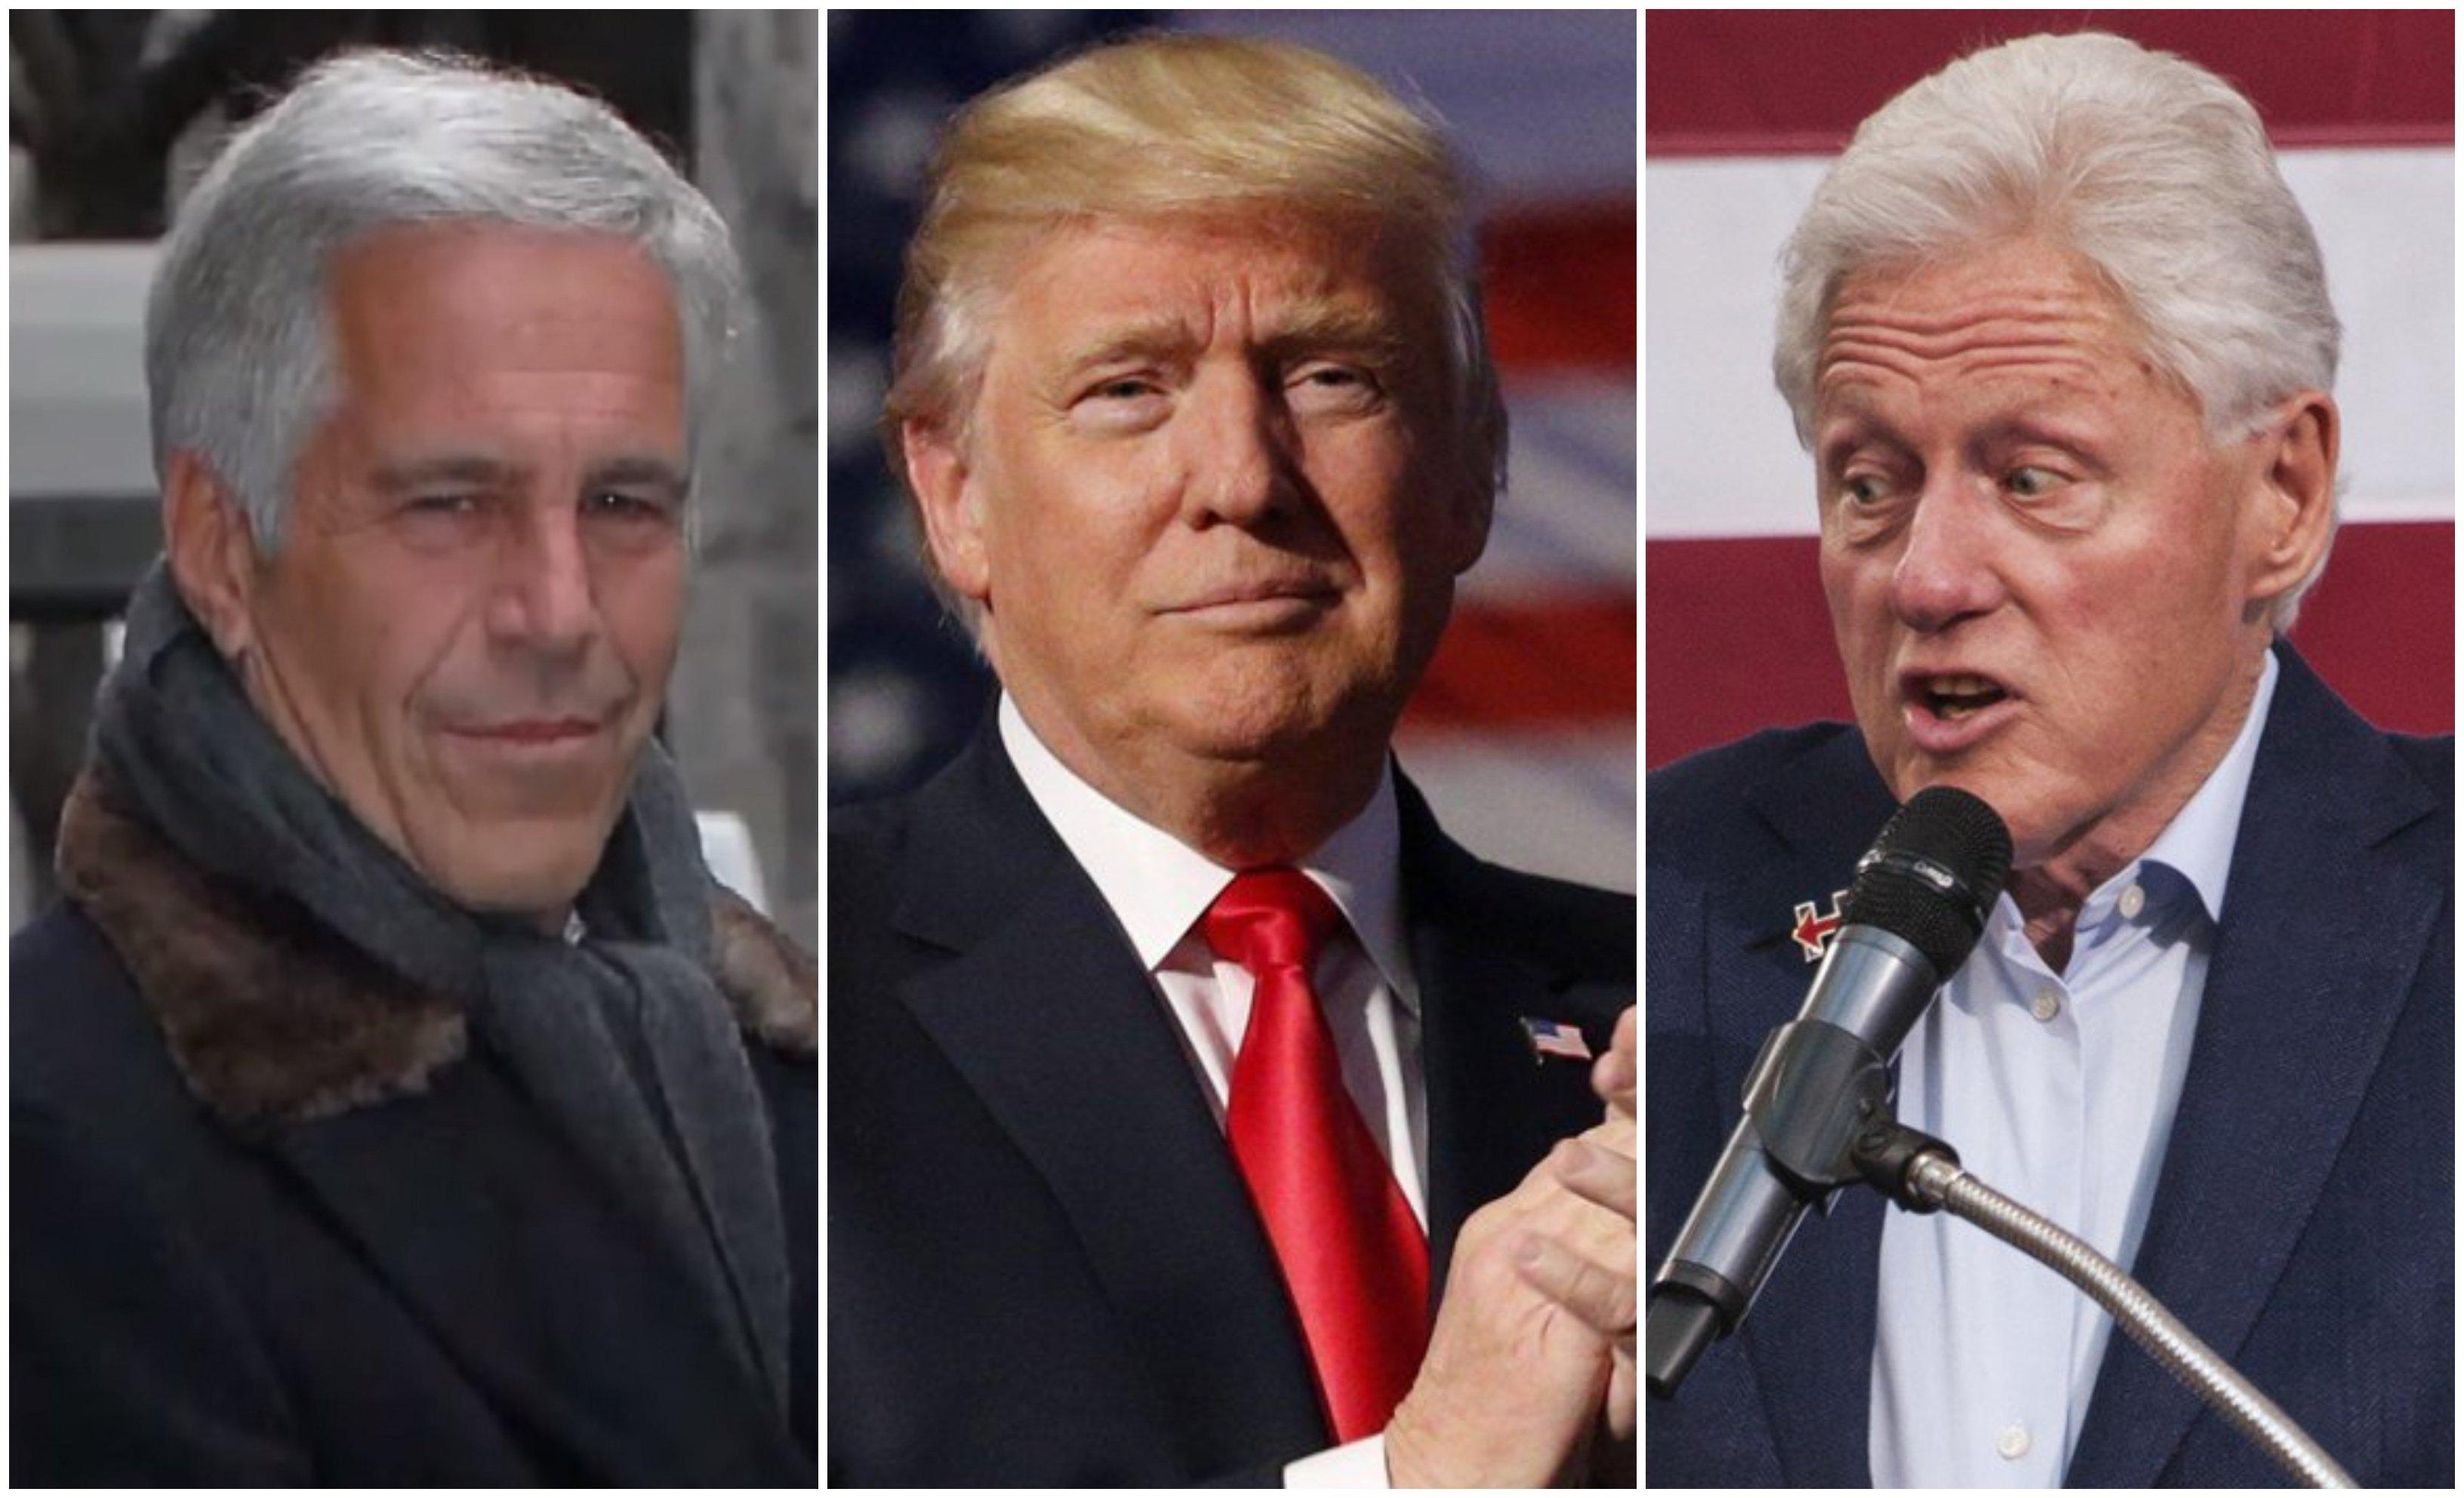 La penitencia de Marne. Como amigo de Bill Clinton, el rijoso Jeffrey Epstein no se hubiera suicidado, pero era amigo de Donald Trump, y claro...